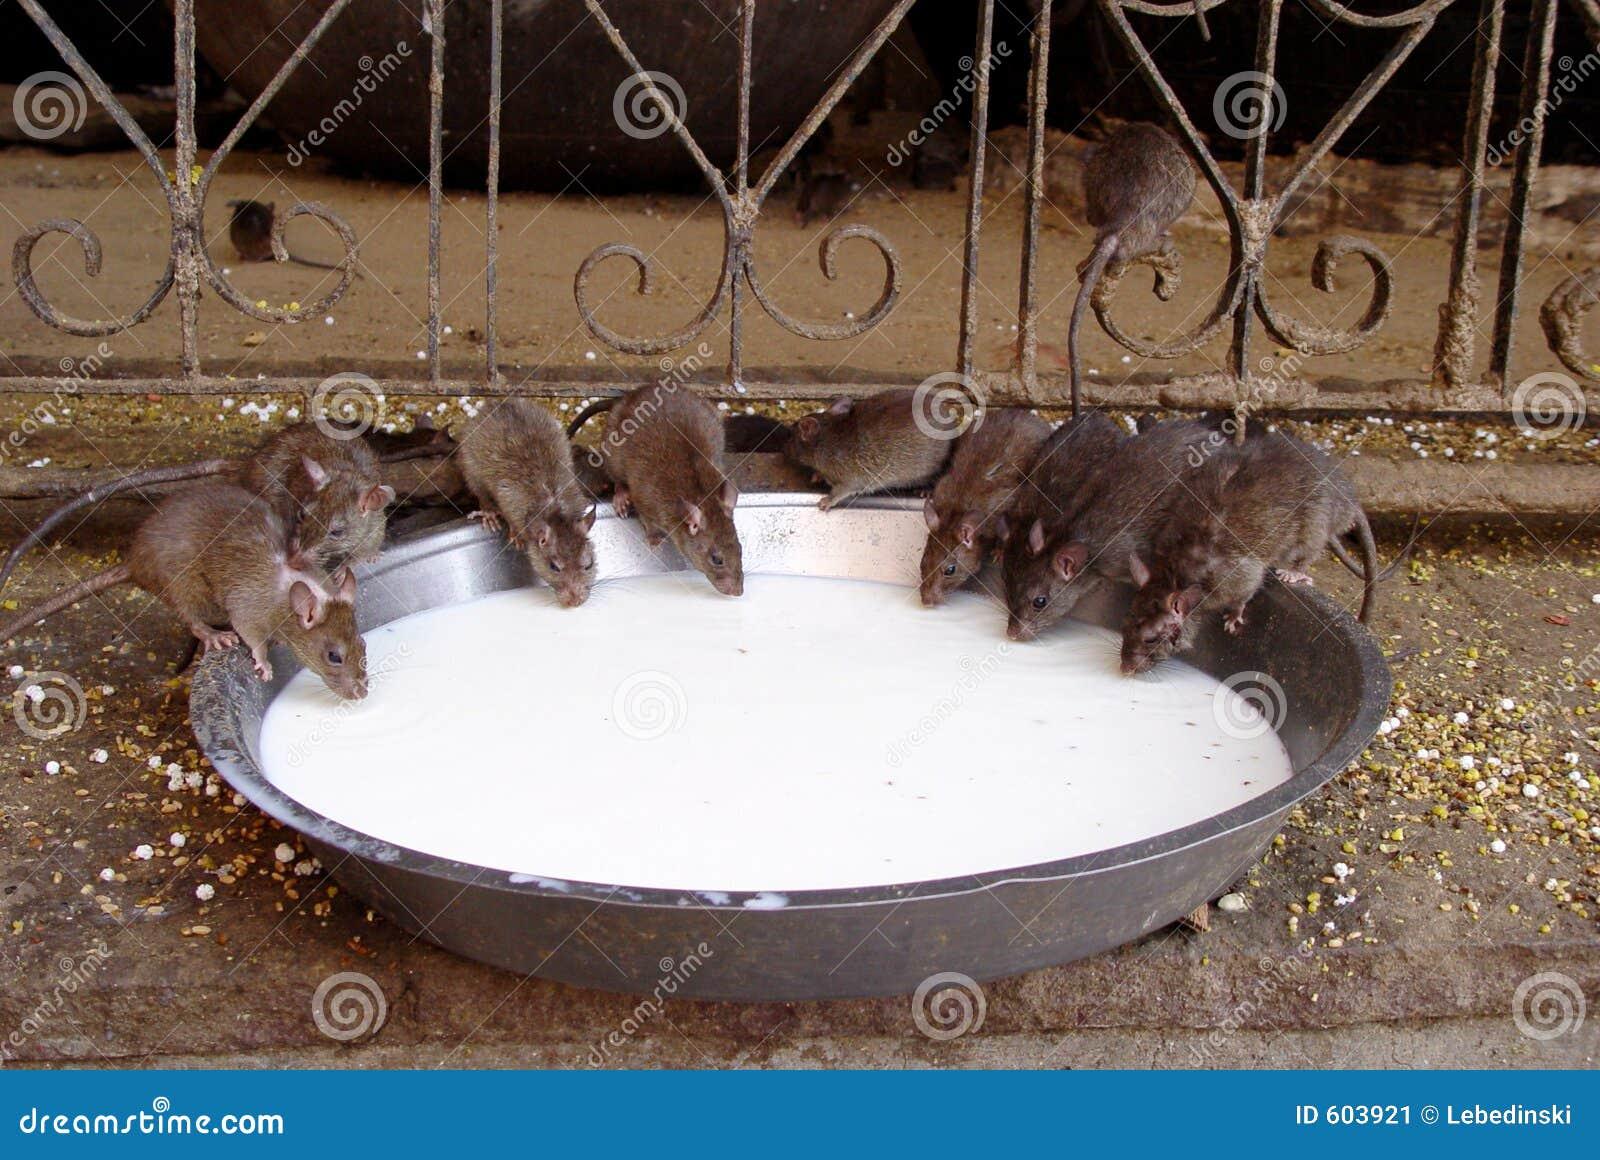 De Ratten van de tempel